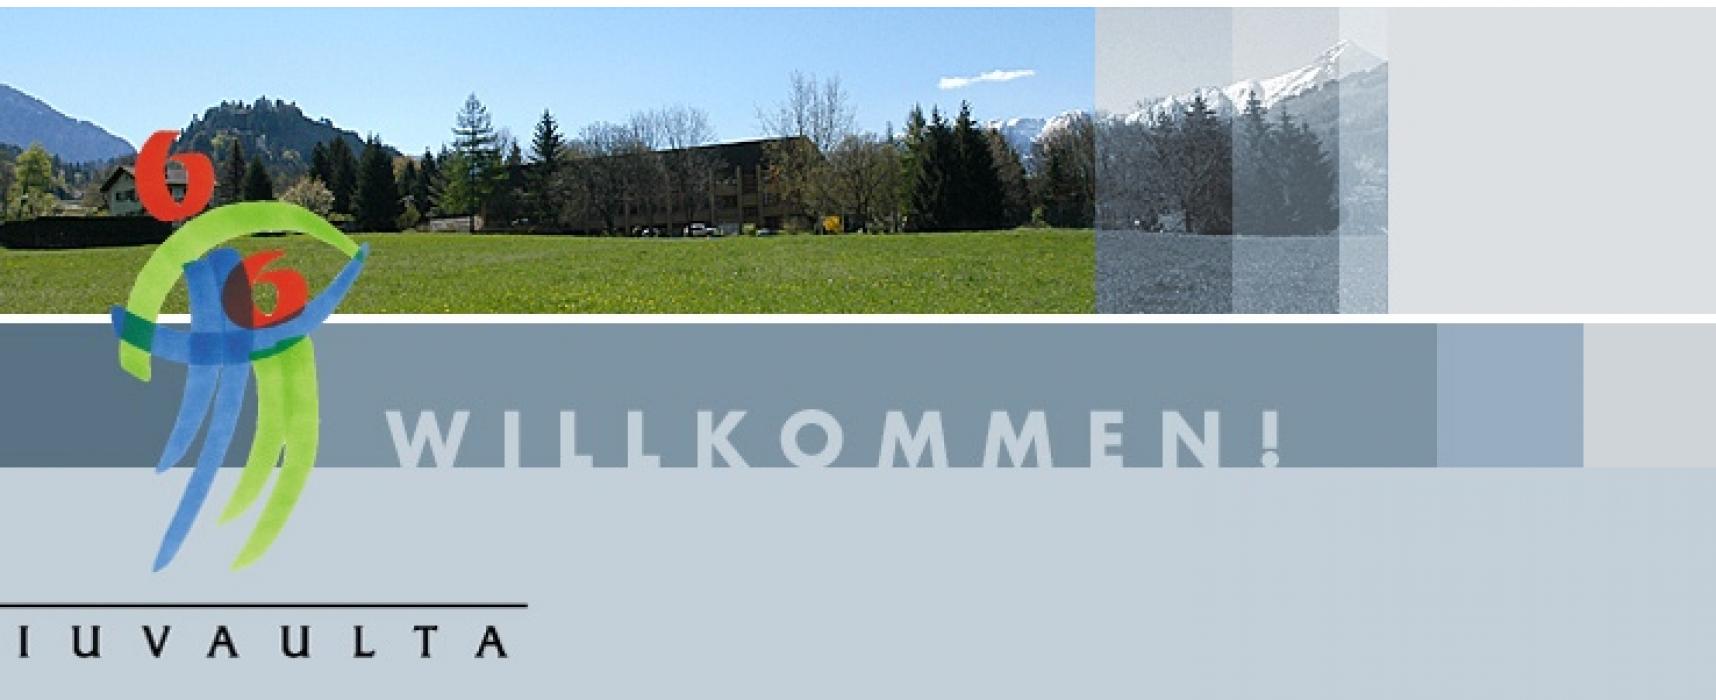 Das Giuvaulta Rothenbrunnen sucht Verstärkung im Internat